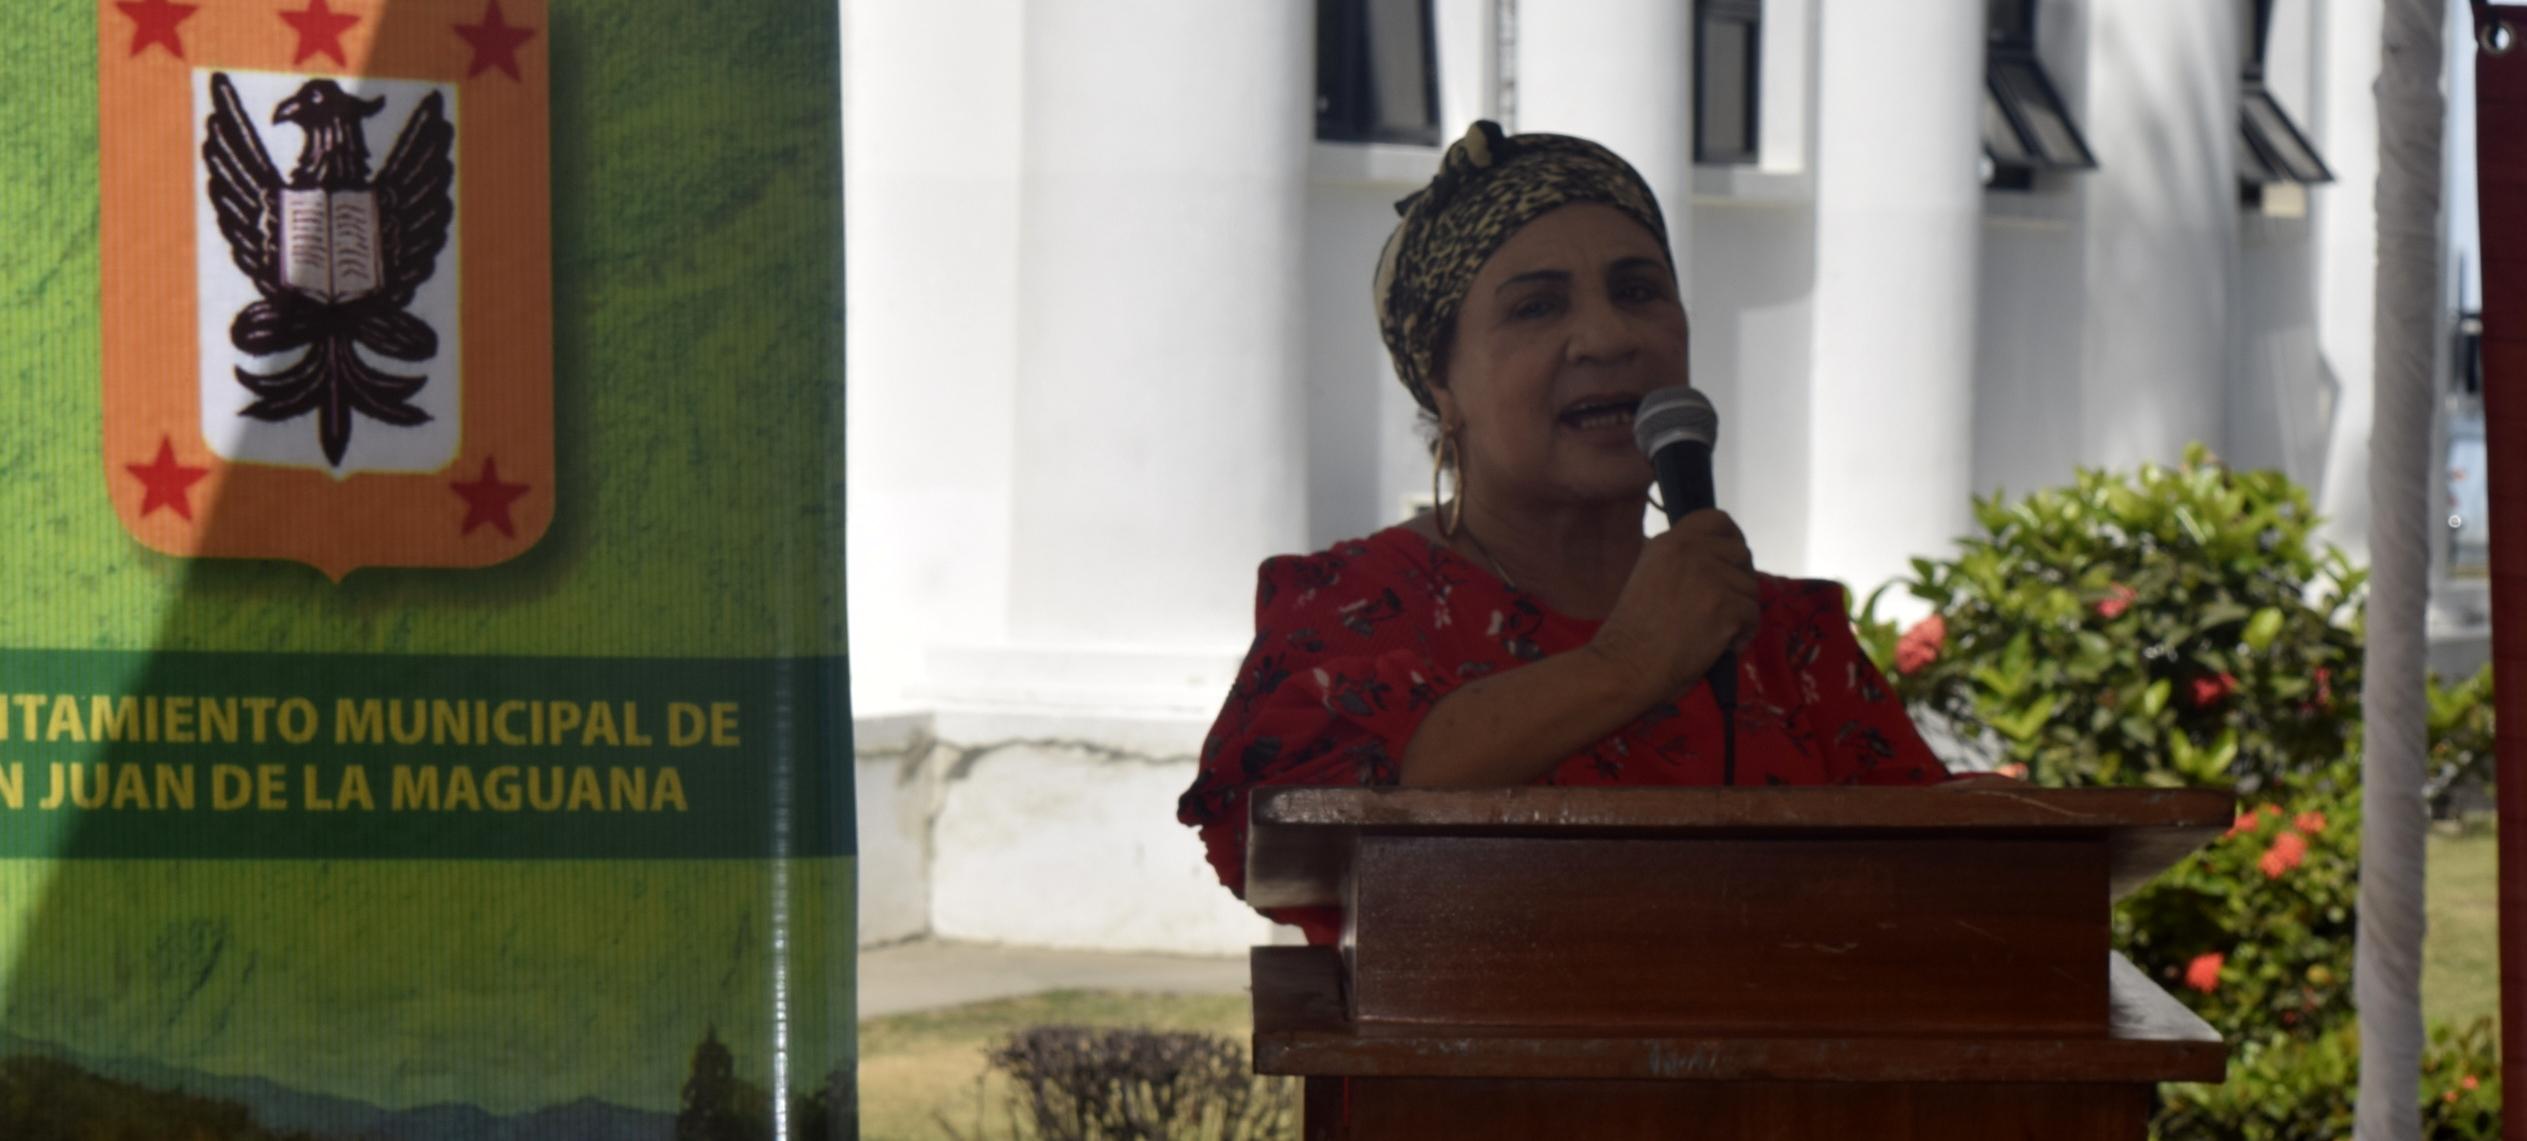 """Ayuntamiento hace lanzamiento novedoso programa de educación ciudadana """"Cada día soy  mejor sanjuanero"""""""